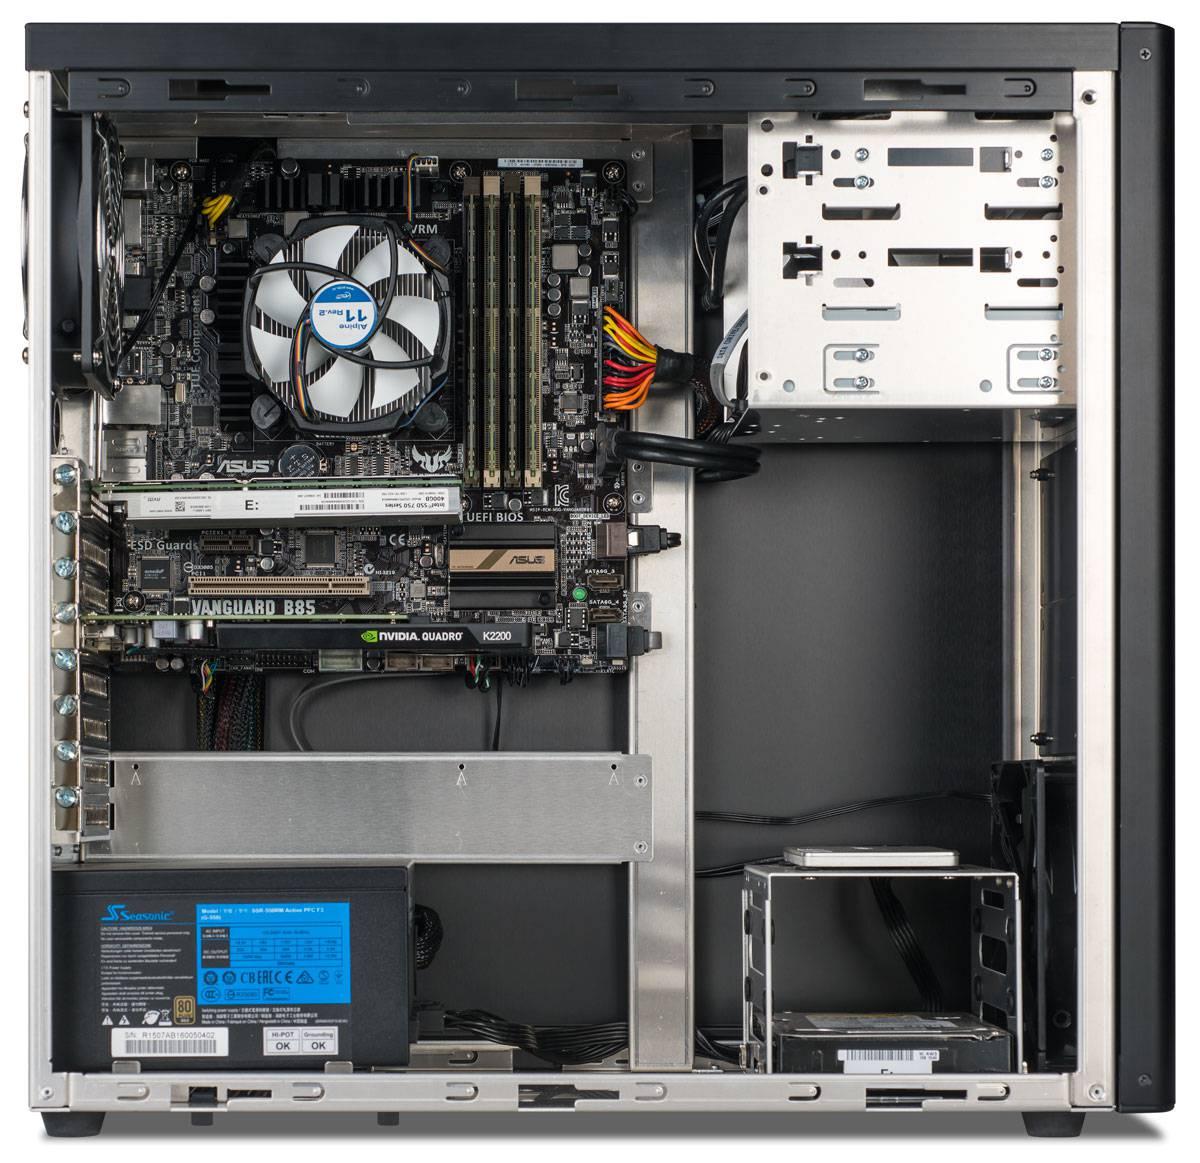 Cerise Desktop, Inside